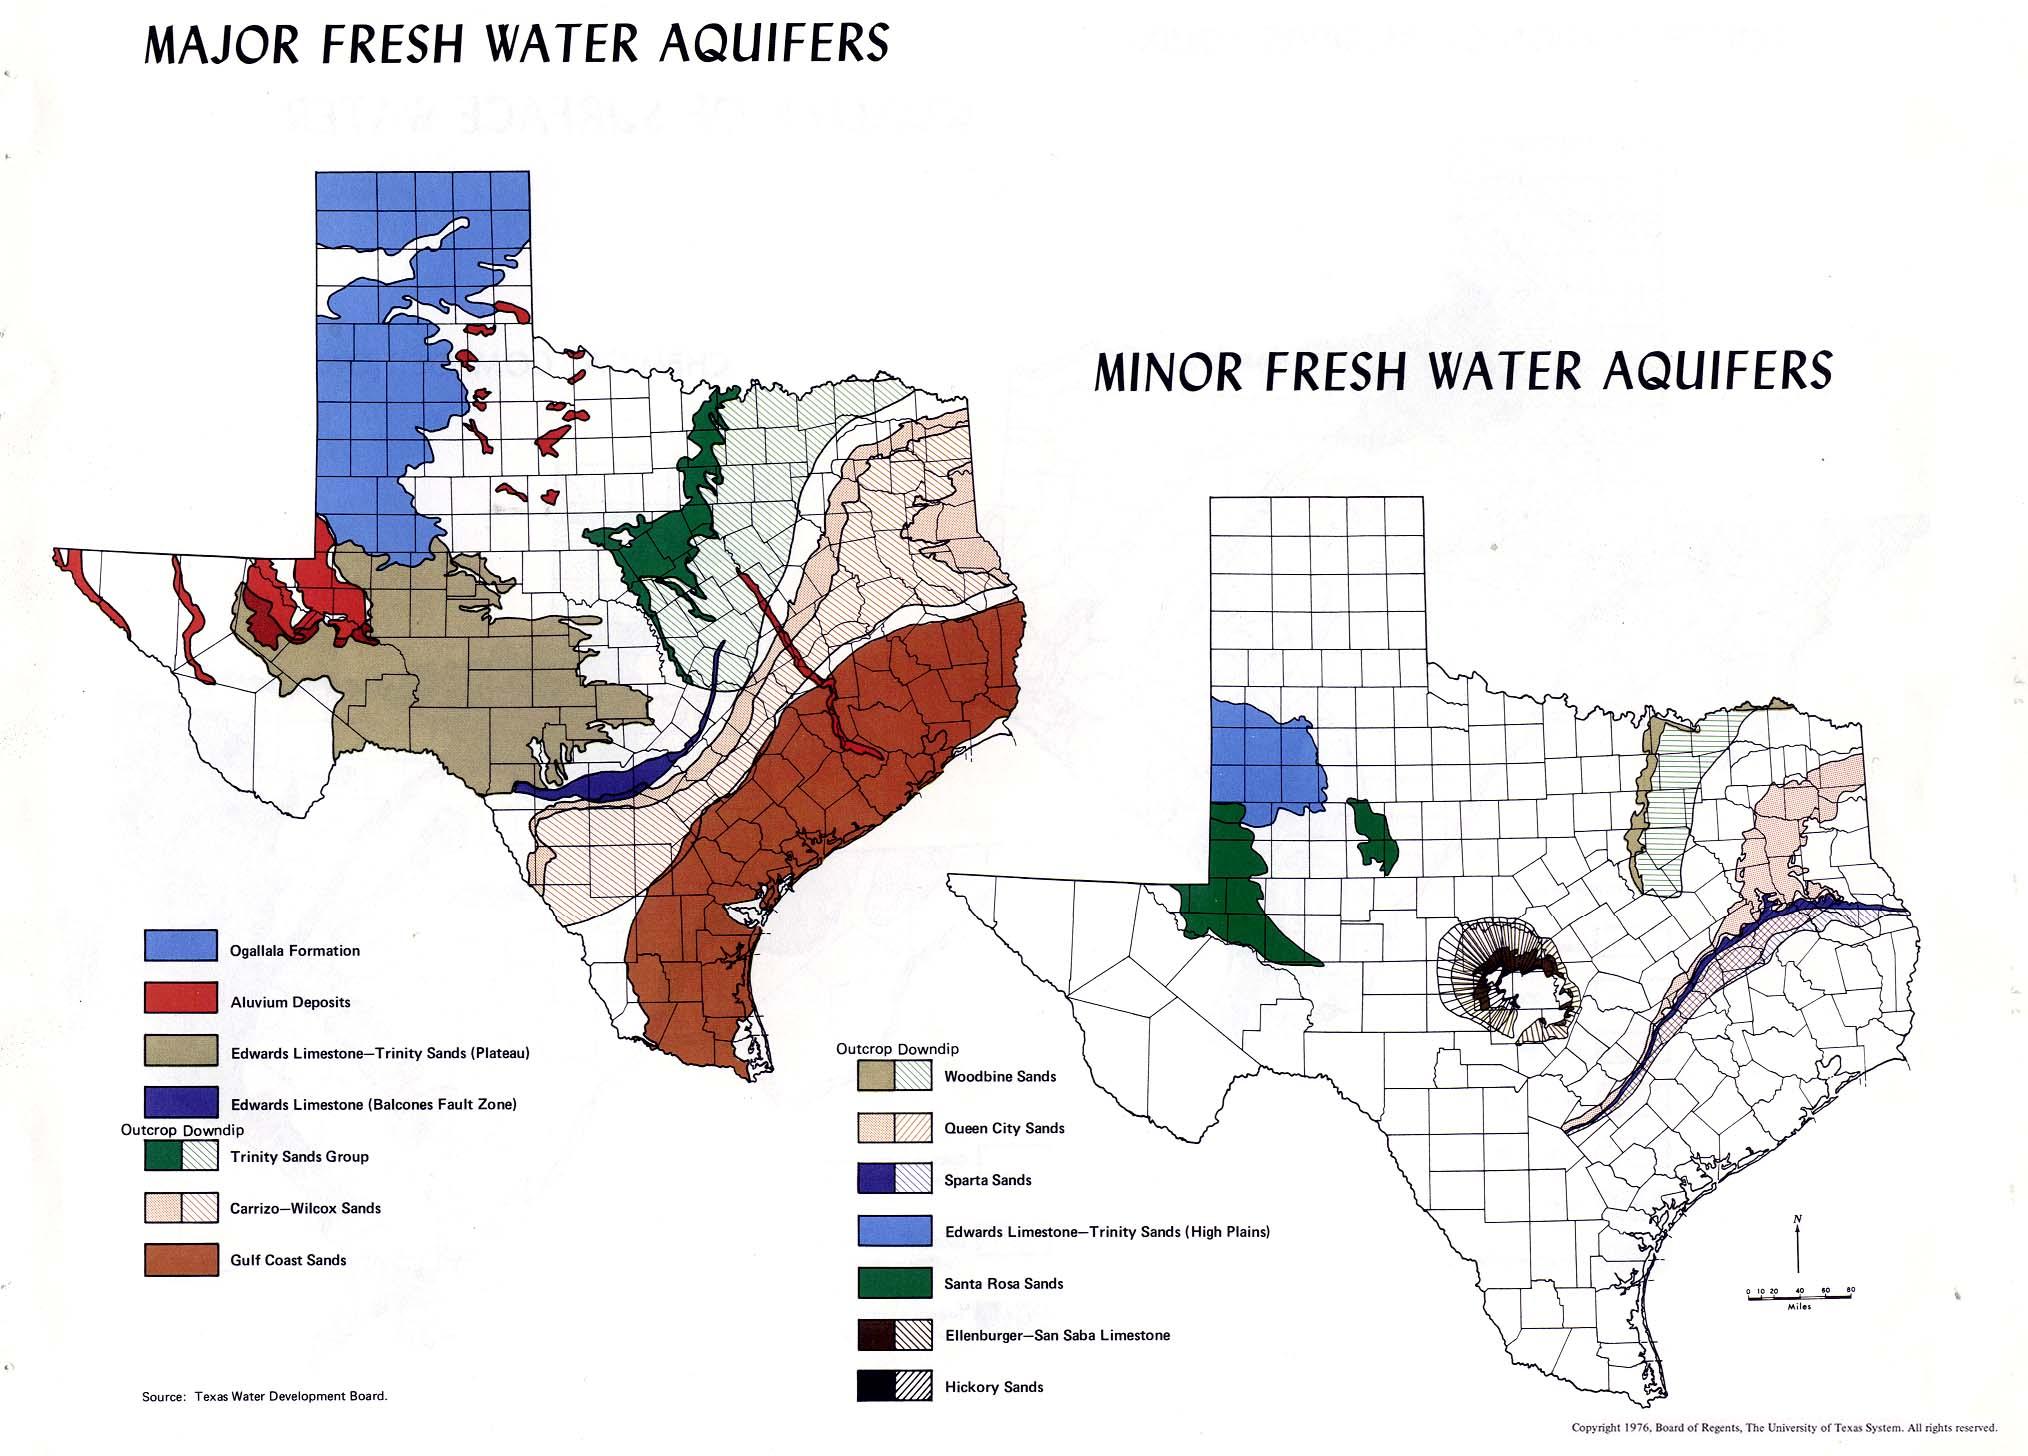 Atlas Of Texas PerryCastañeda Map Collection UT Library Online - Atlas map of texas